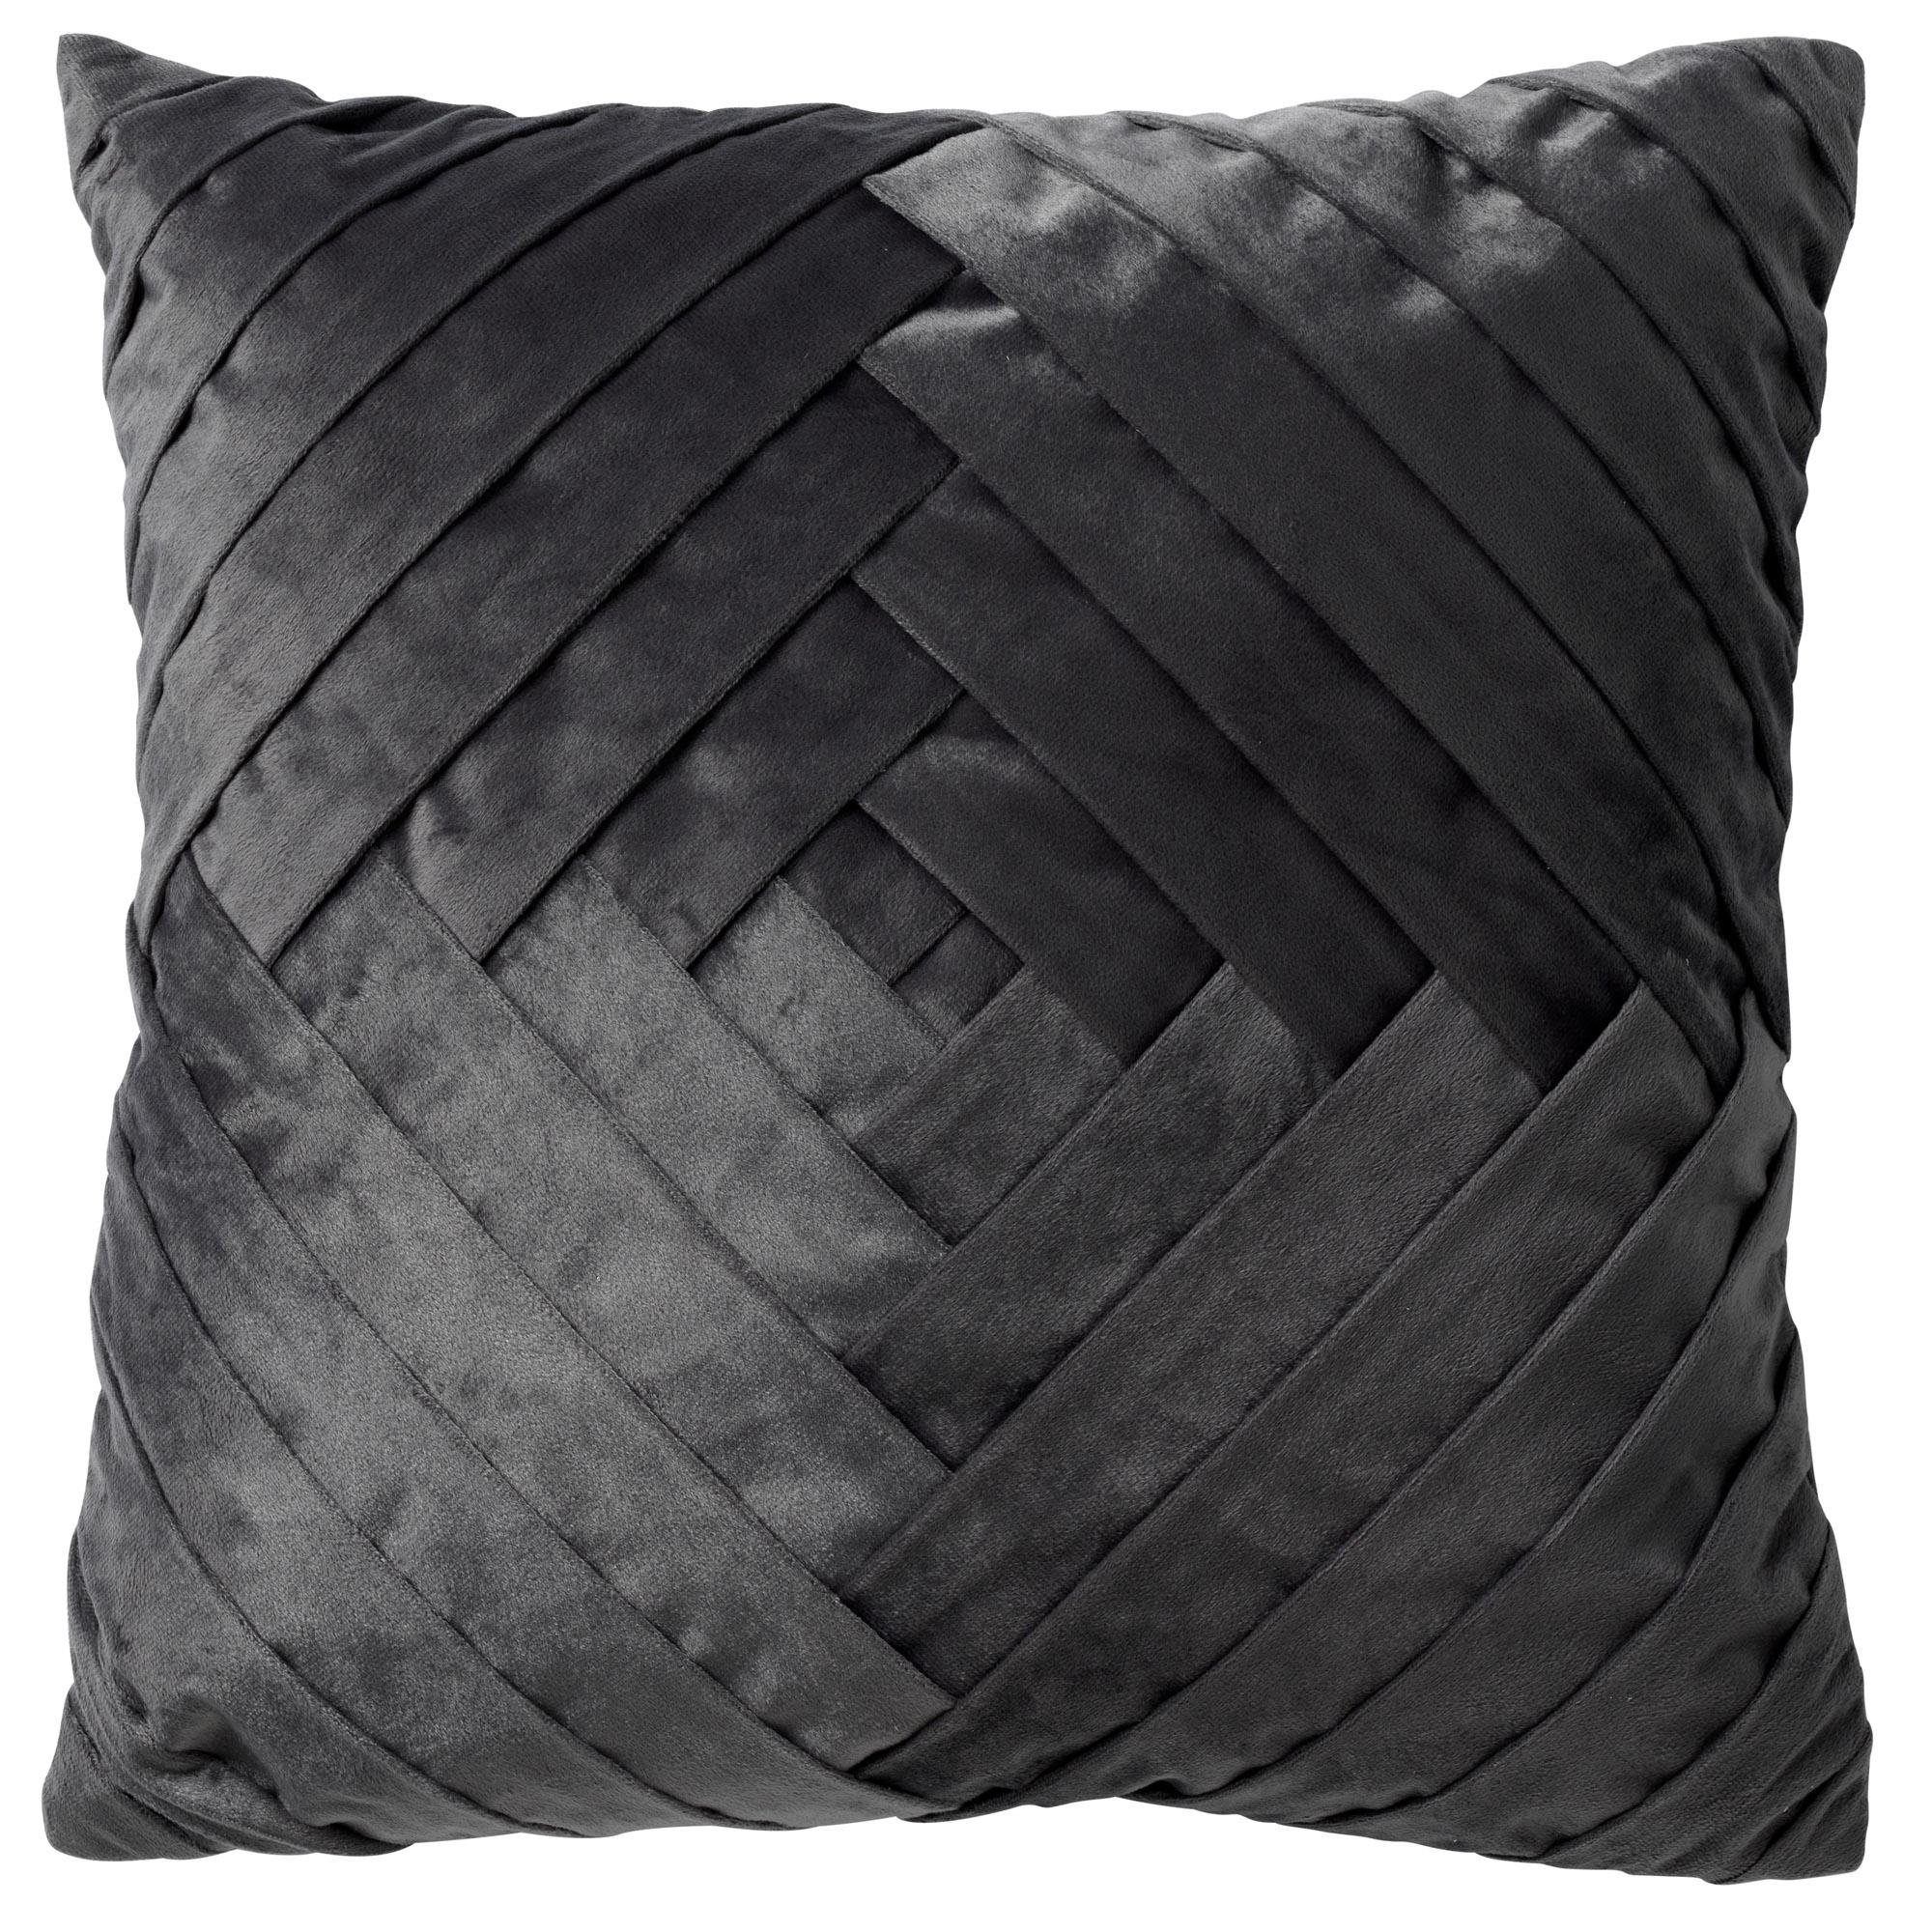 PHILLY - Sierkussen velvet Charcoal Grey 45x45 cm